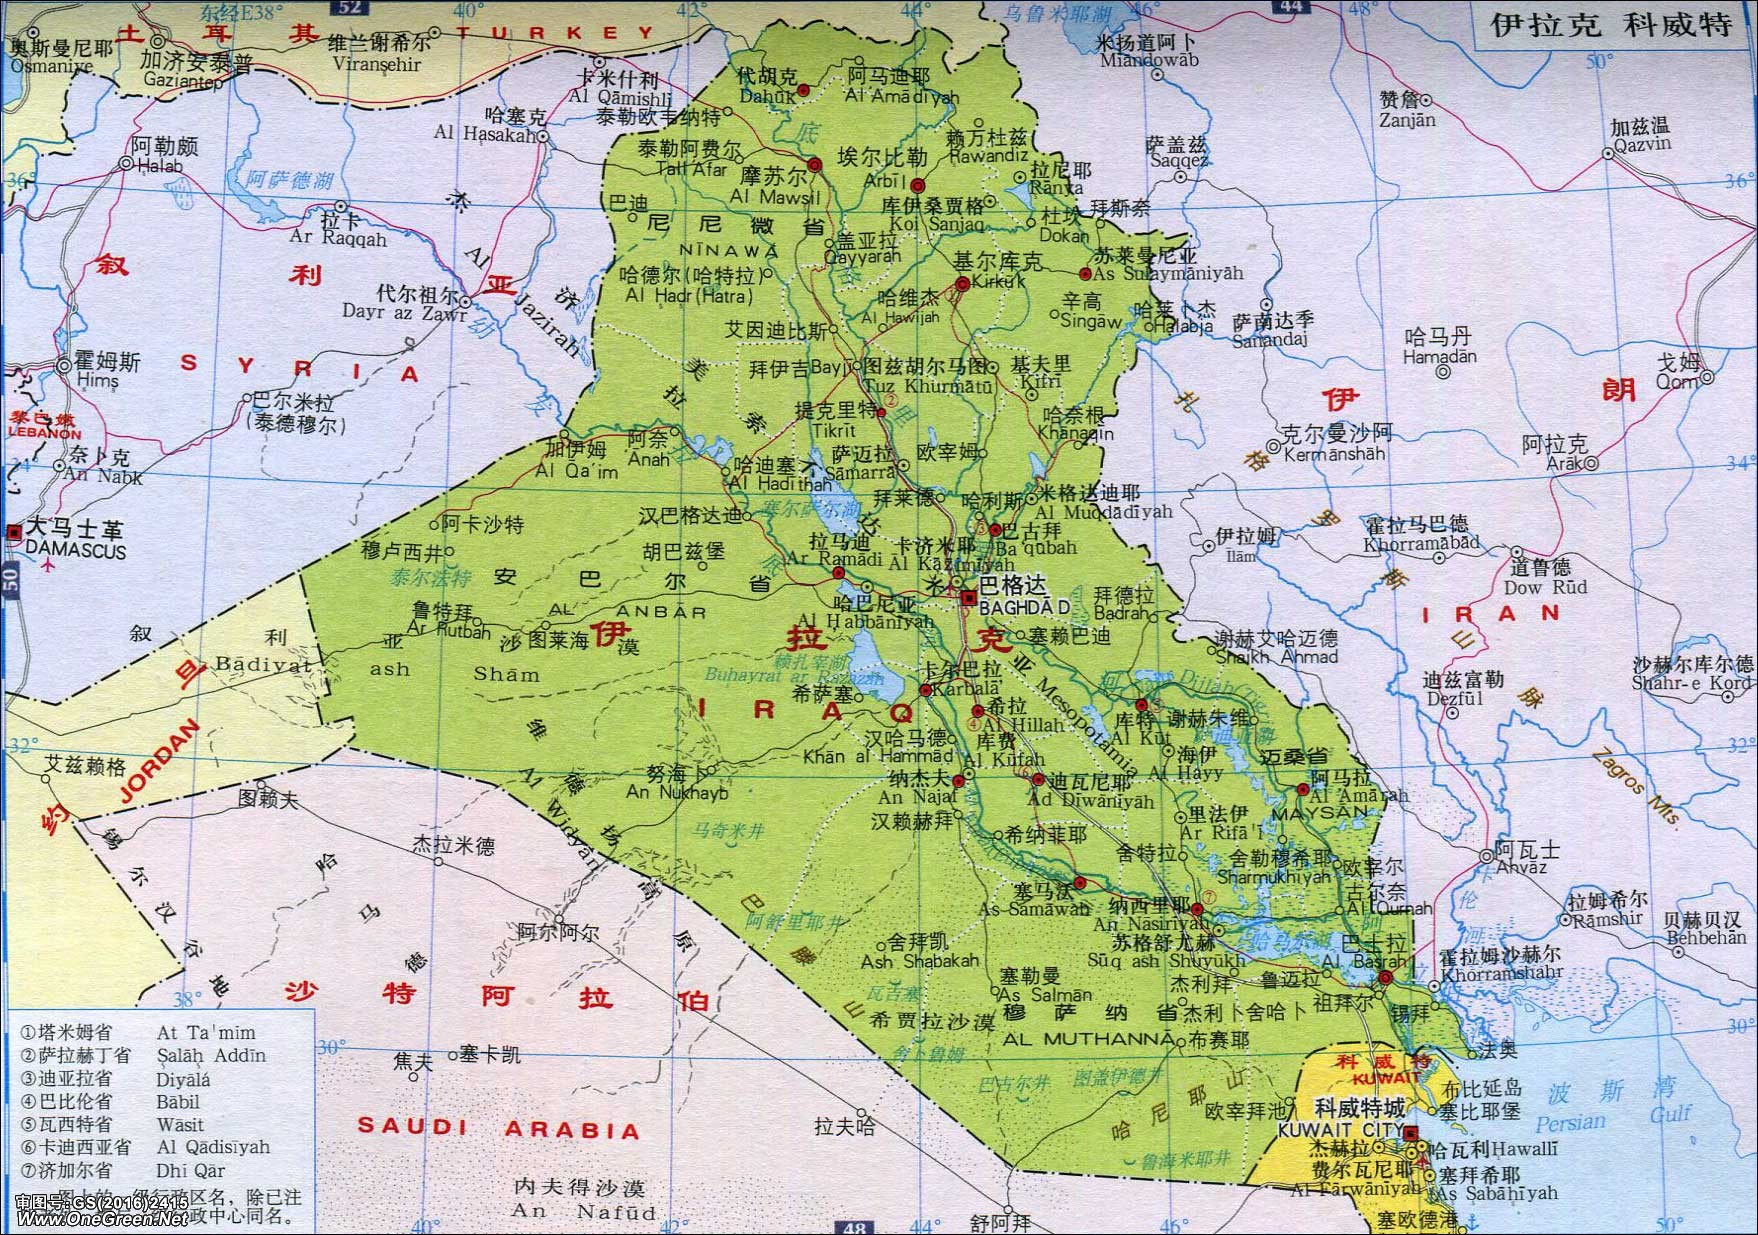 尼泊尔地图_伊拉克地图(最新版)_伊拉克地图库_地图窝